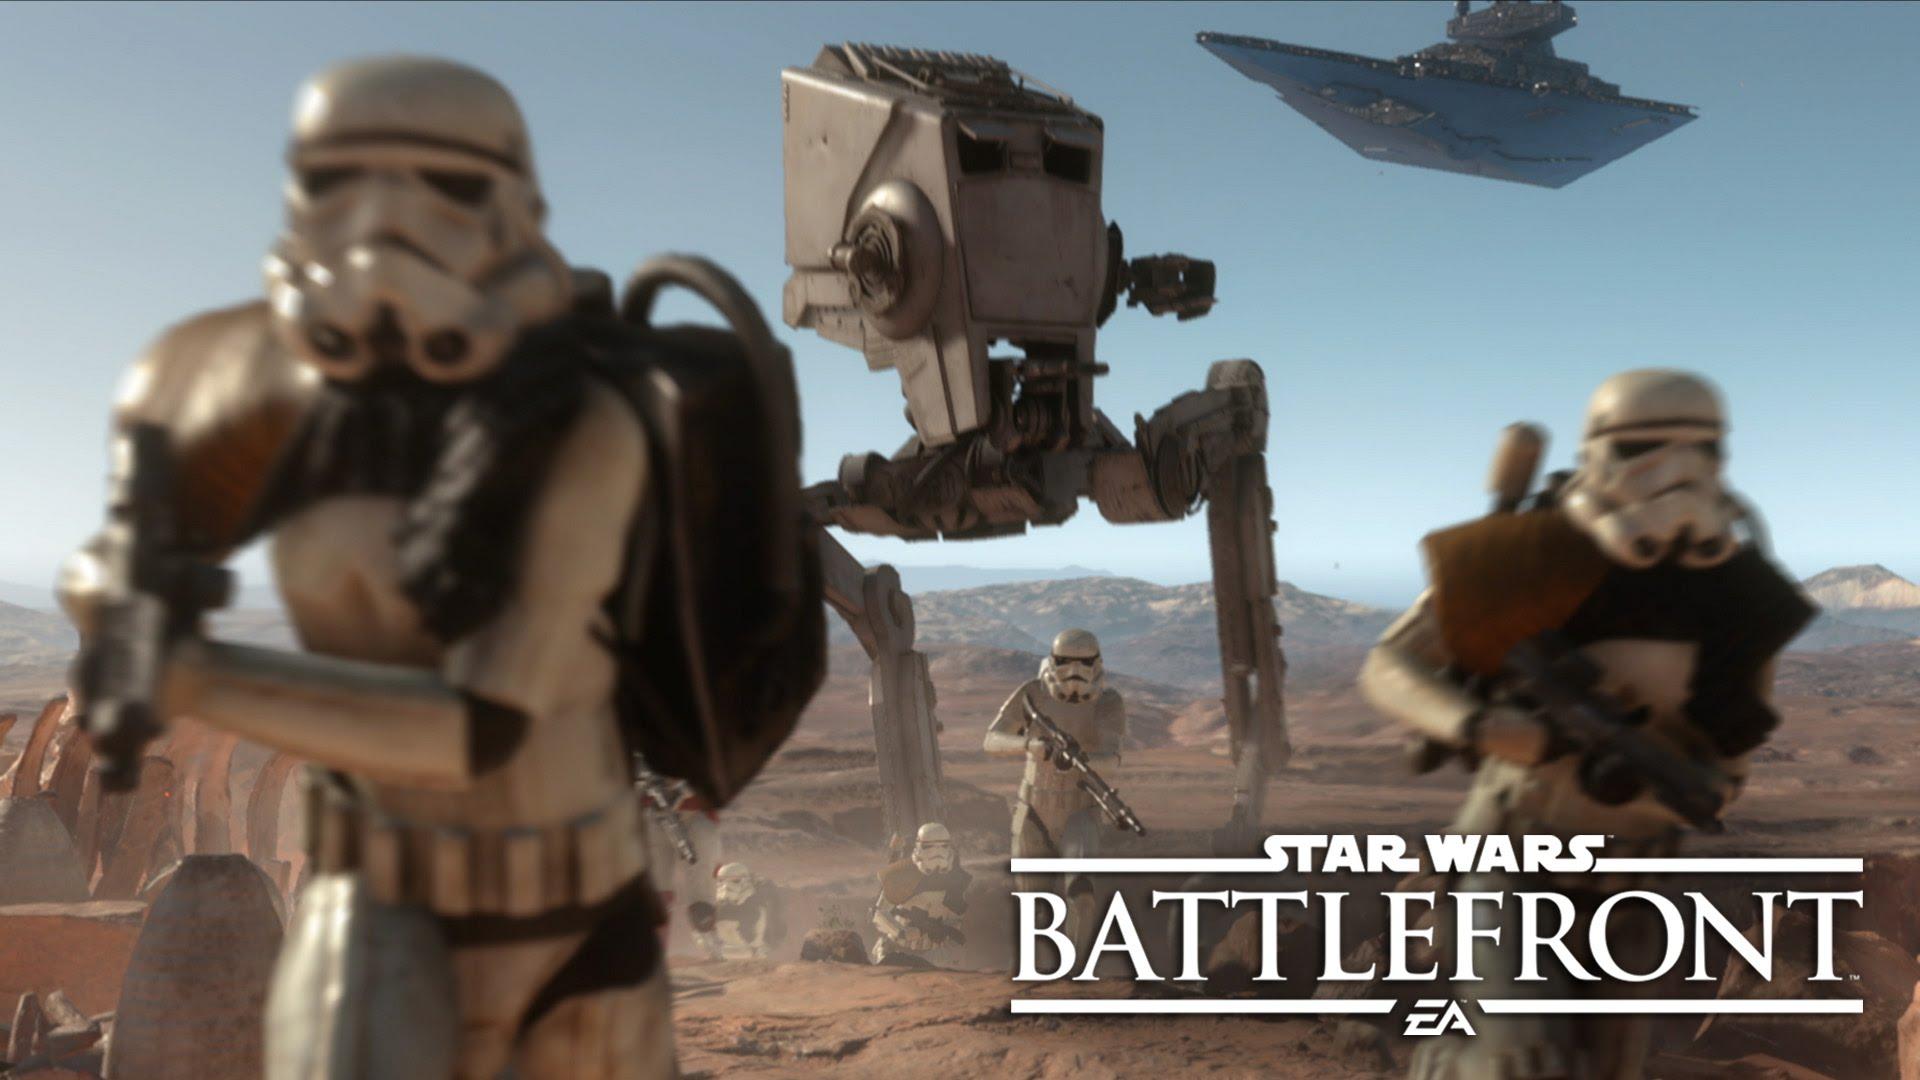 Star Wars Battlefront - Spieler laufen weg - bald leere Server